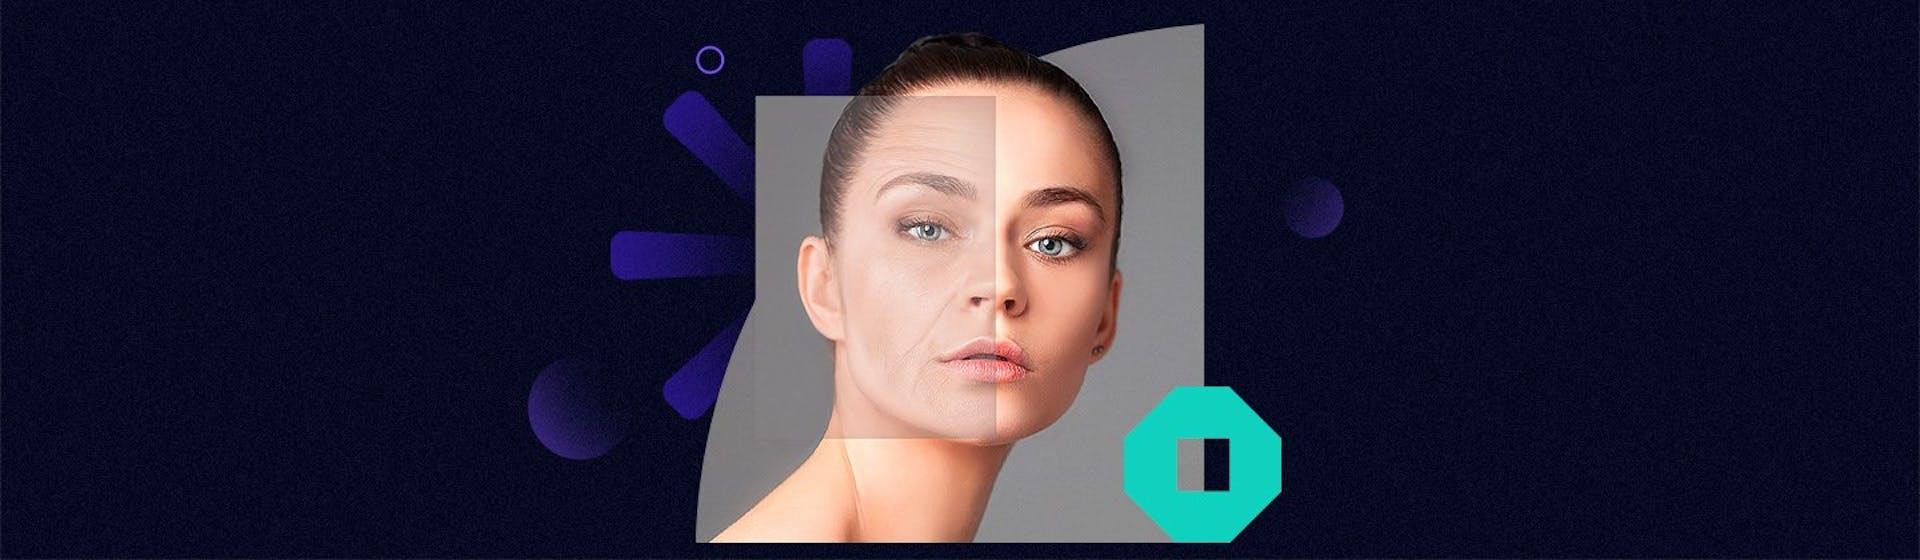 Envejecimiento de la piel: ¿cómo demorarlo para lucir una piel joven por más tiempo?